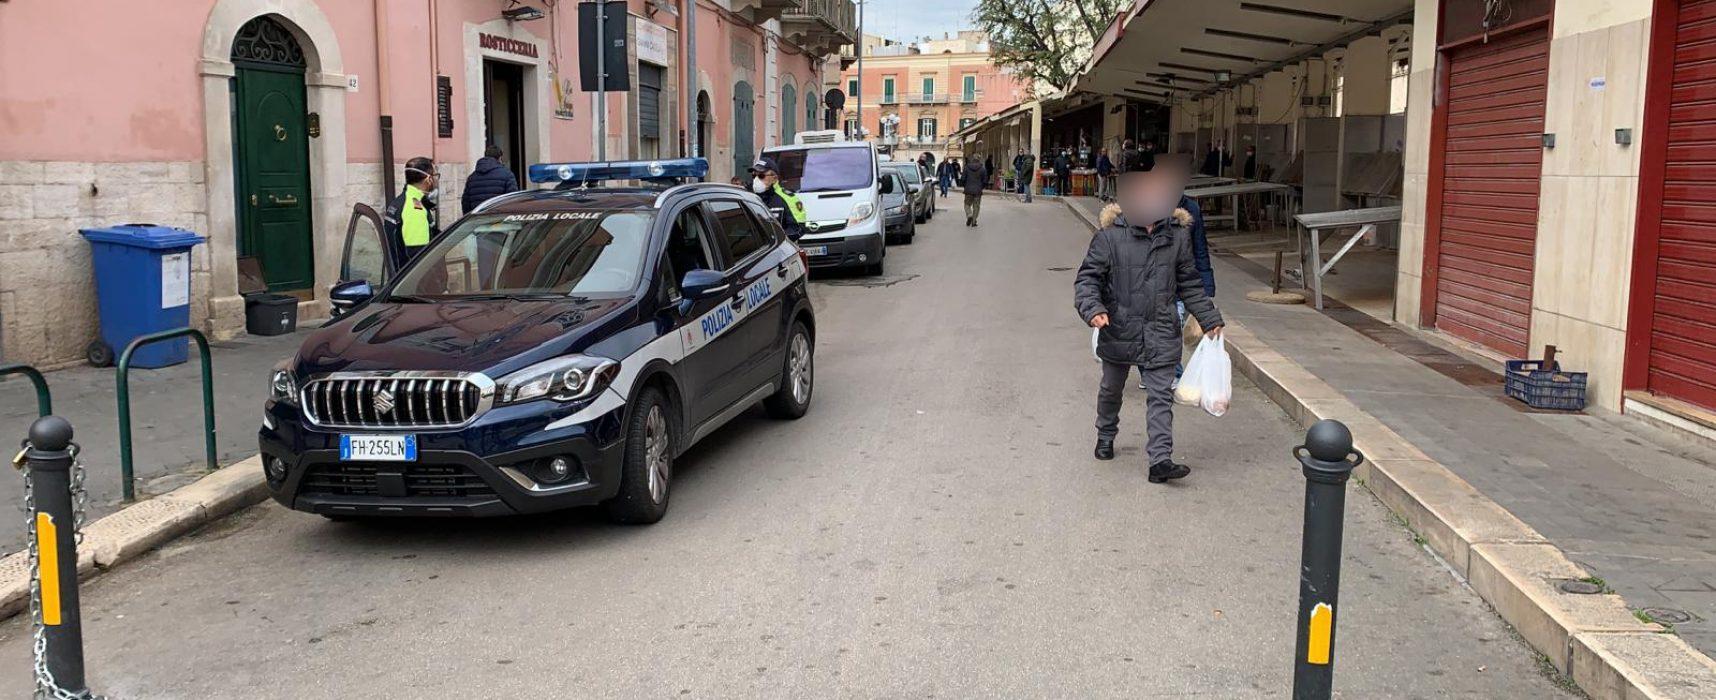 """Piazza del pesce riaperta da domani con """"accesso contingentato dei consumatori"""""""